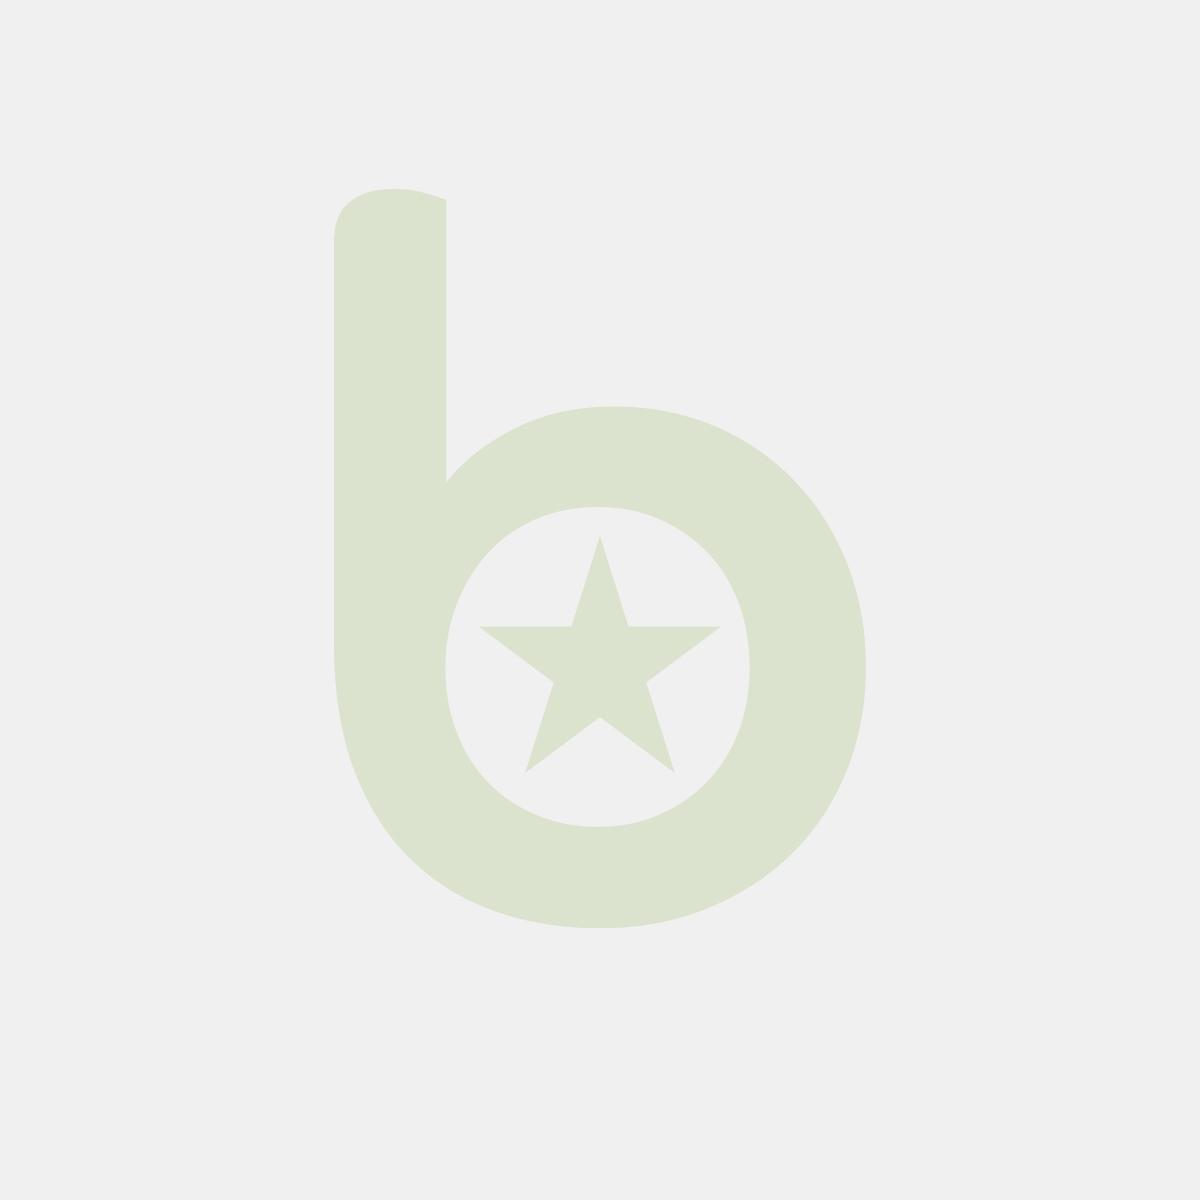 Miseczka owalna 18x15x5,5cm czarna melamina